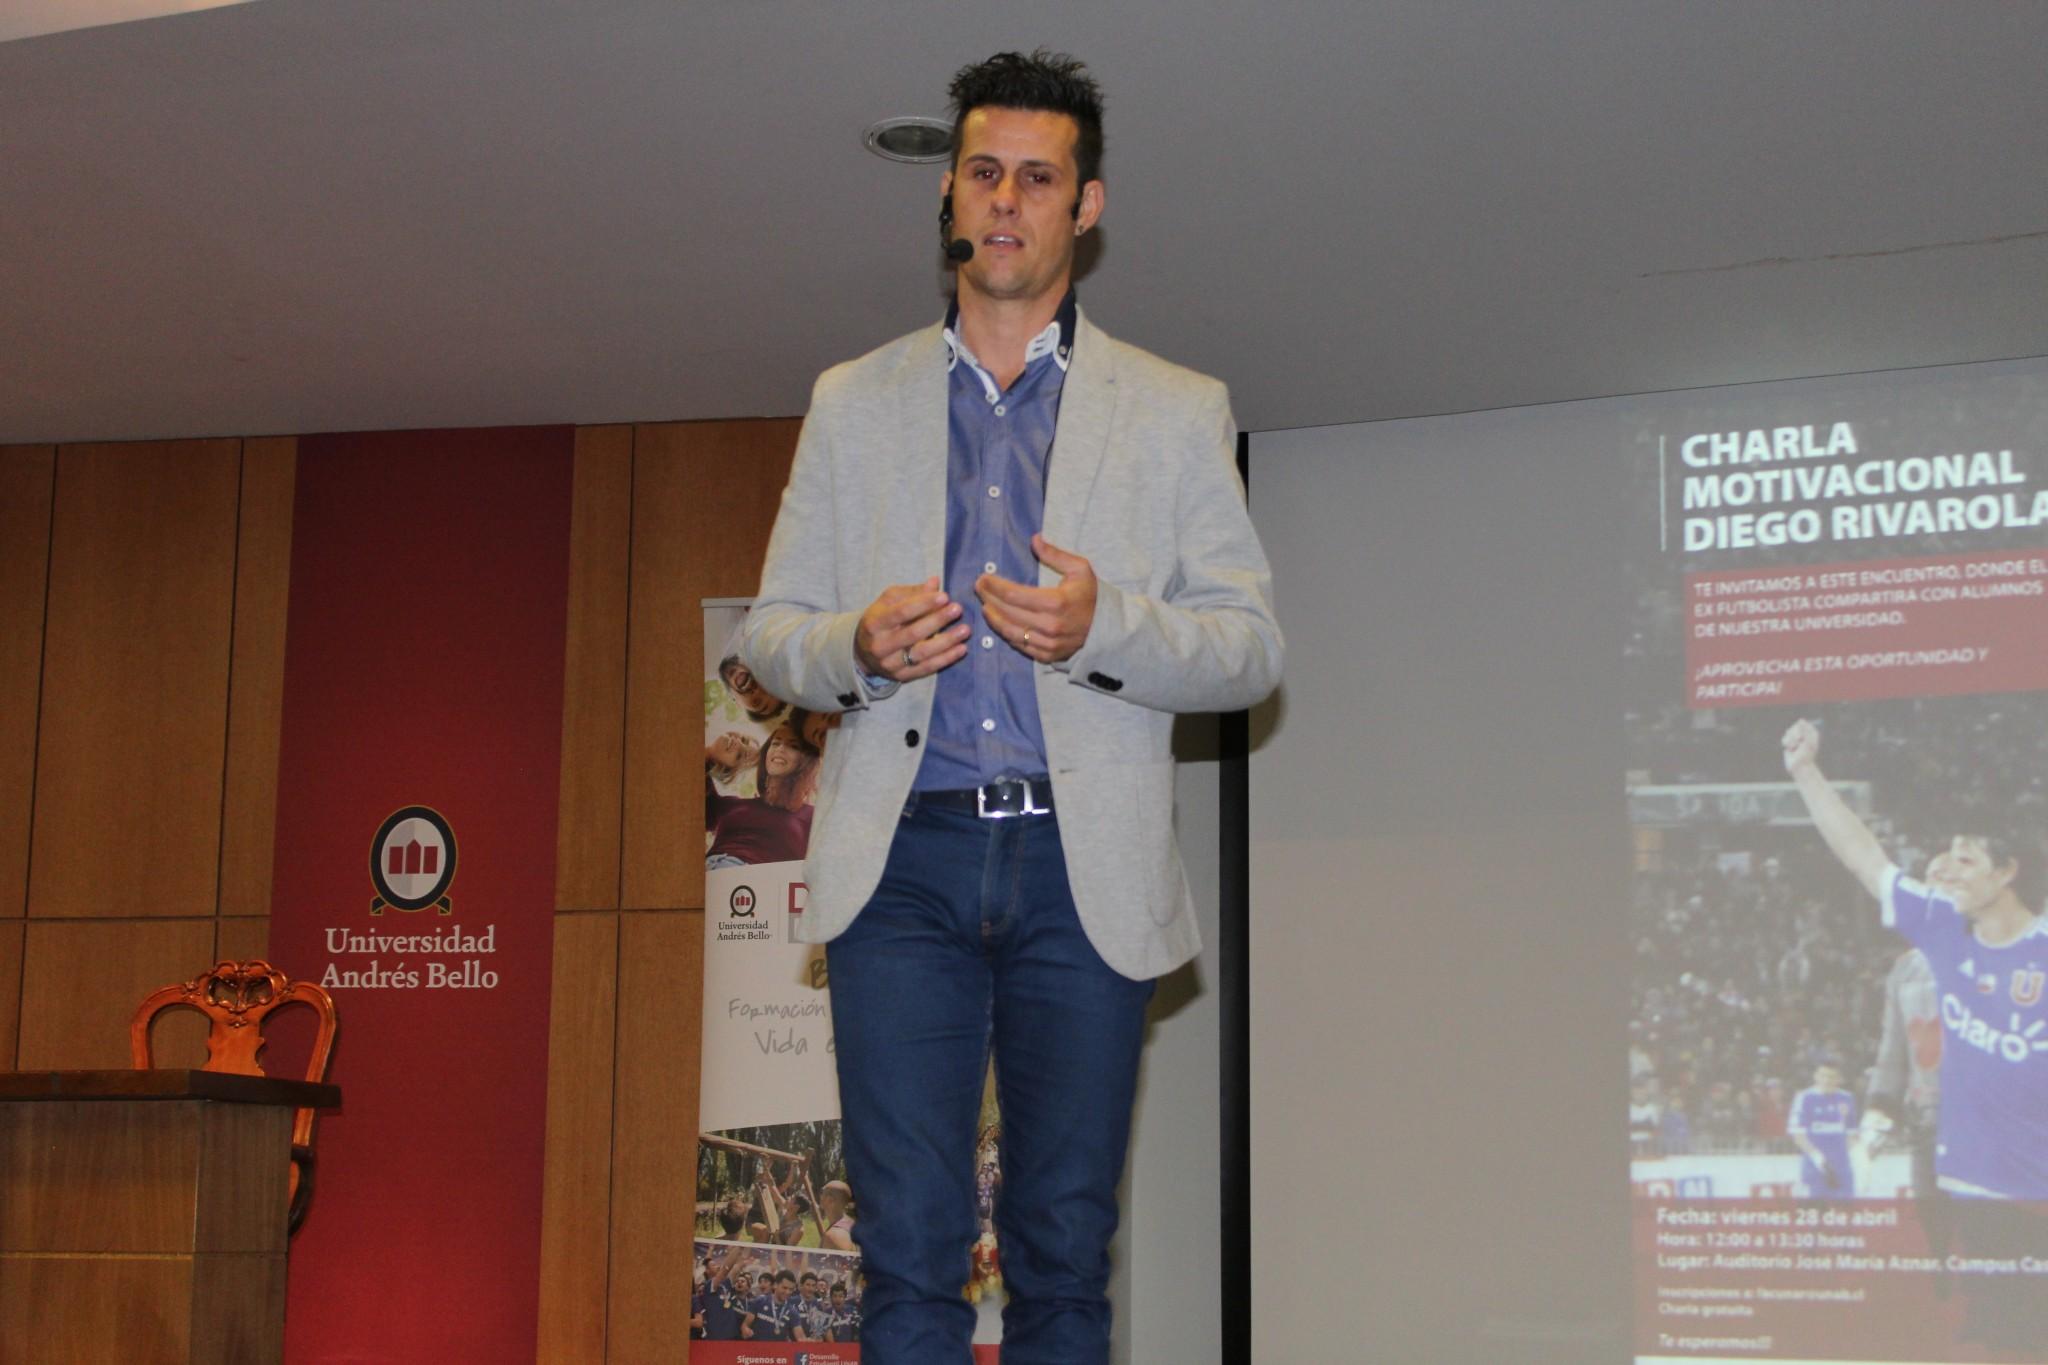 Todo Un éxito Fue La Charla Motivacional De Diego Rivarola